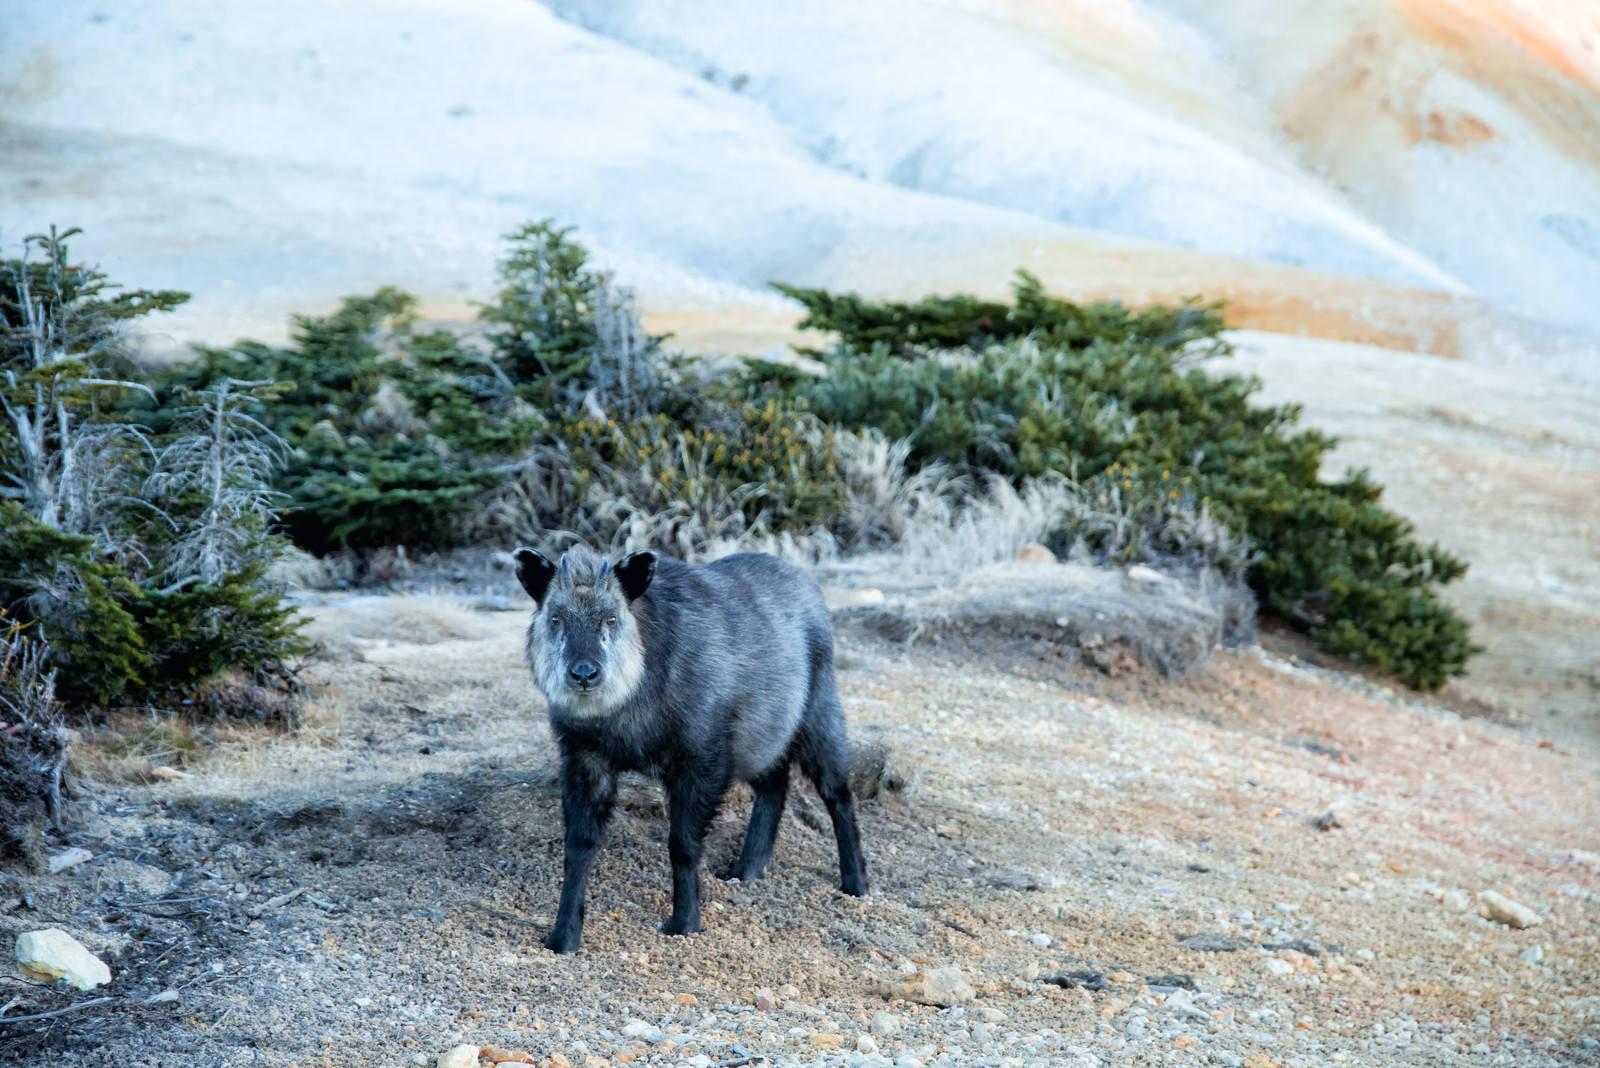 「登山道で遭遇した野生のカモシカ」の写真